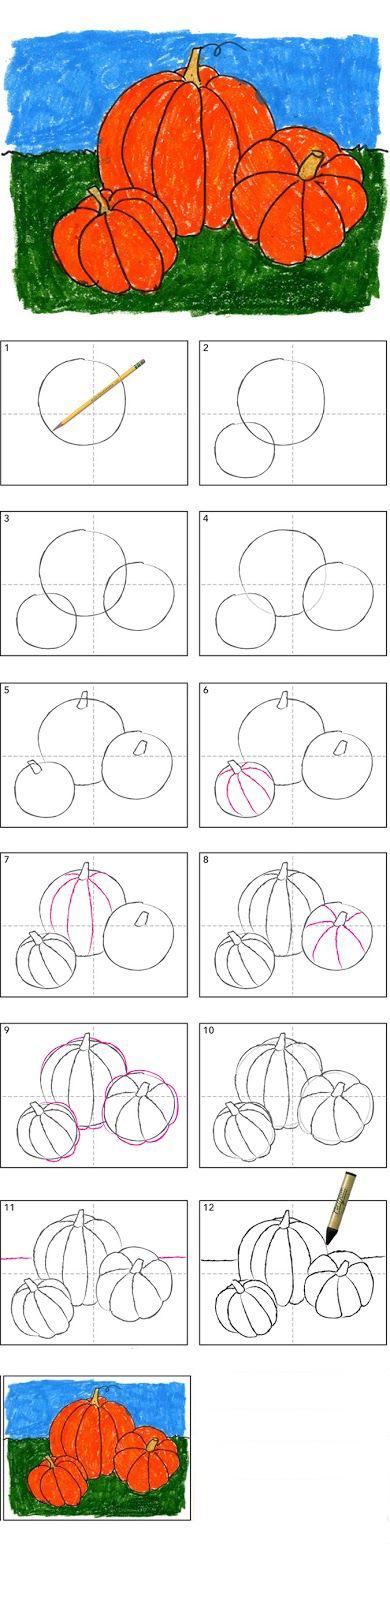 تعلم رسم يقطينة بالصور